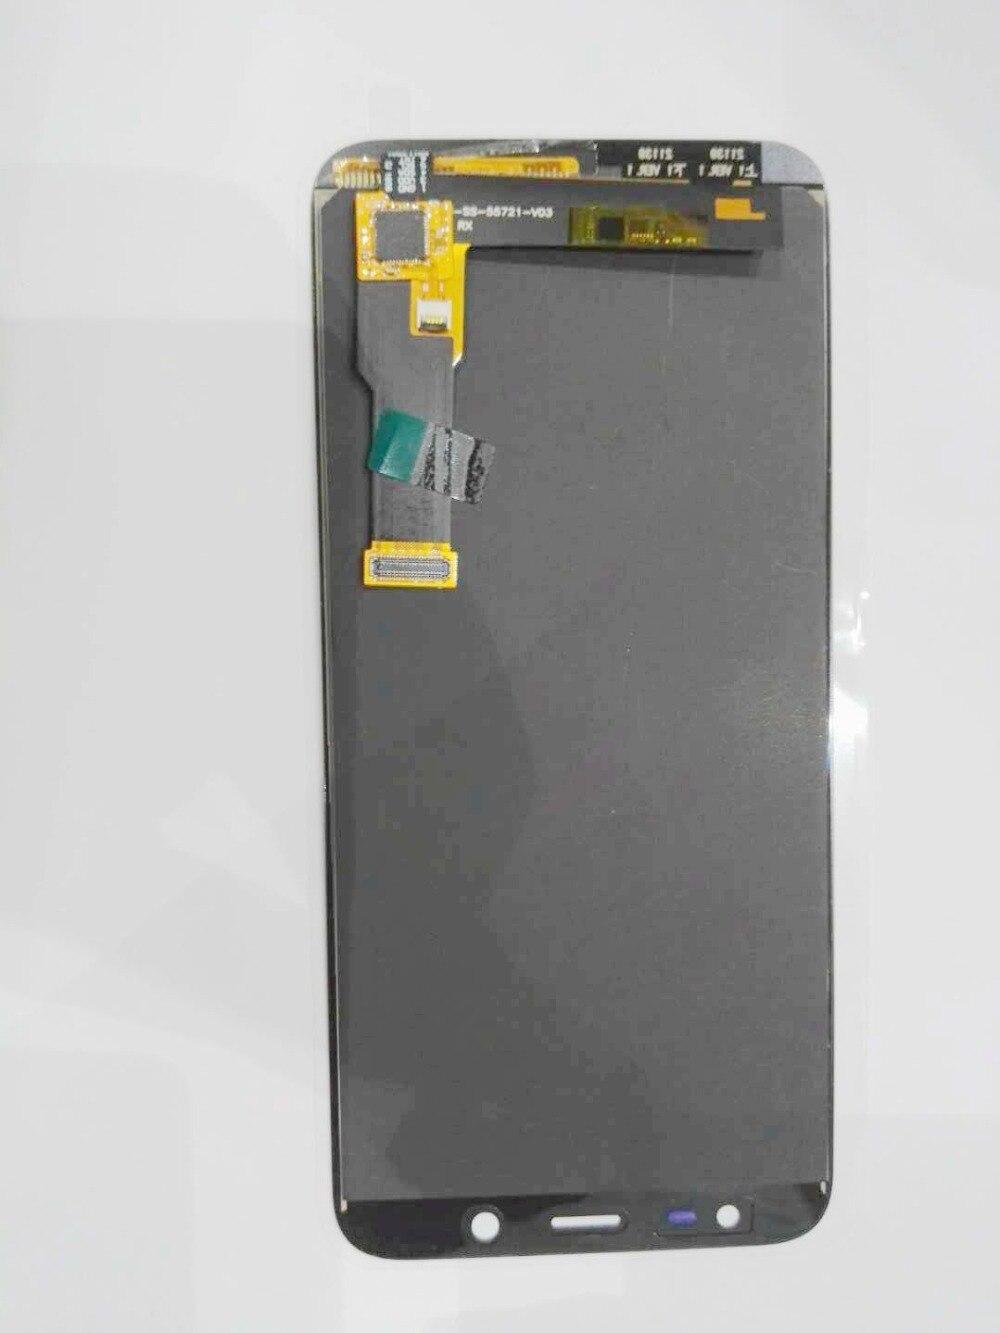 2018 Per Samsung Galaxy J6 2018 J600 J600F J600Y schermo Lcd Display + touch Assemblea di Vetro TFT versione In Grado di regolare luminosità